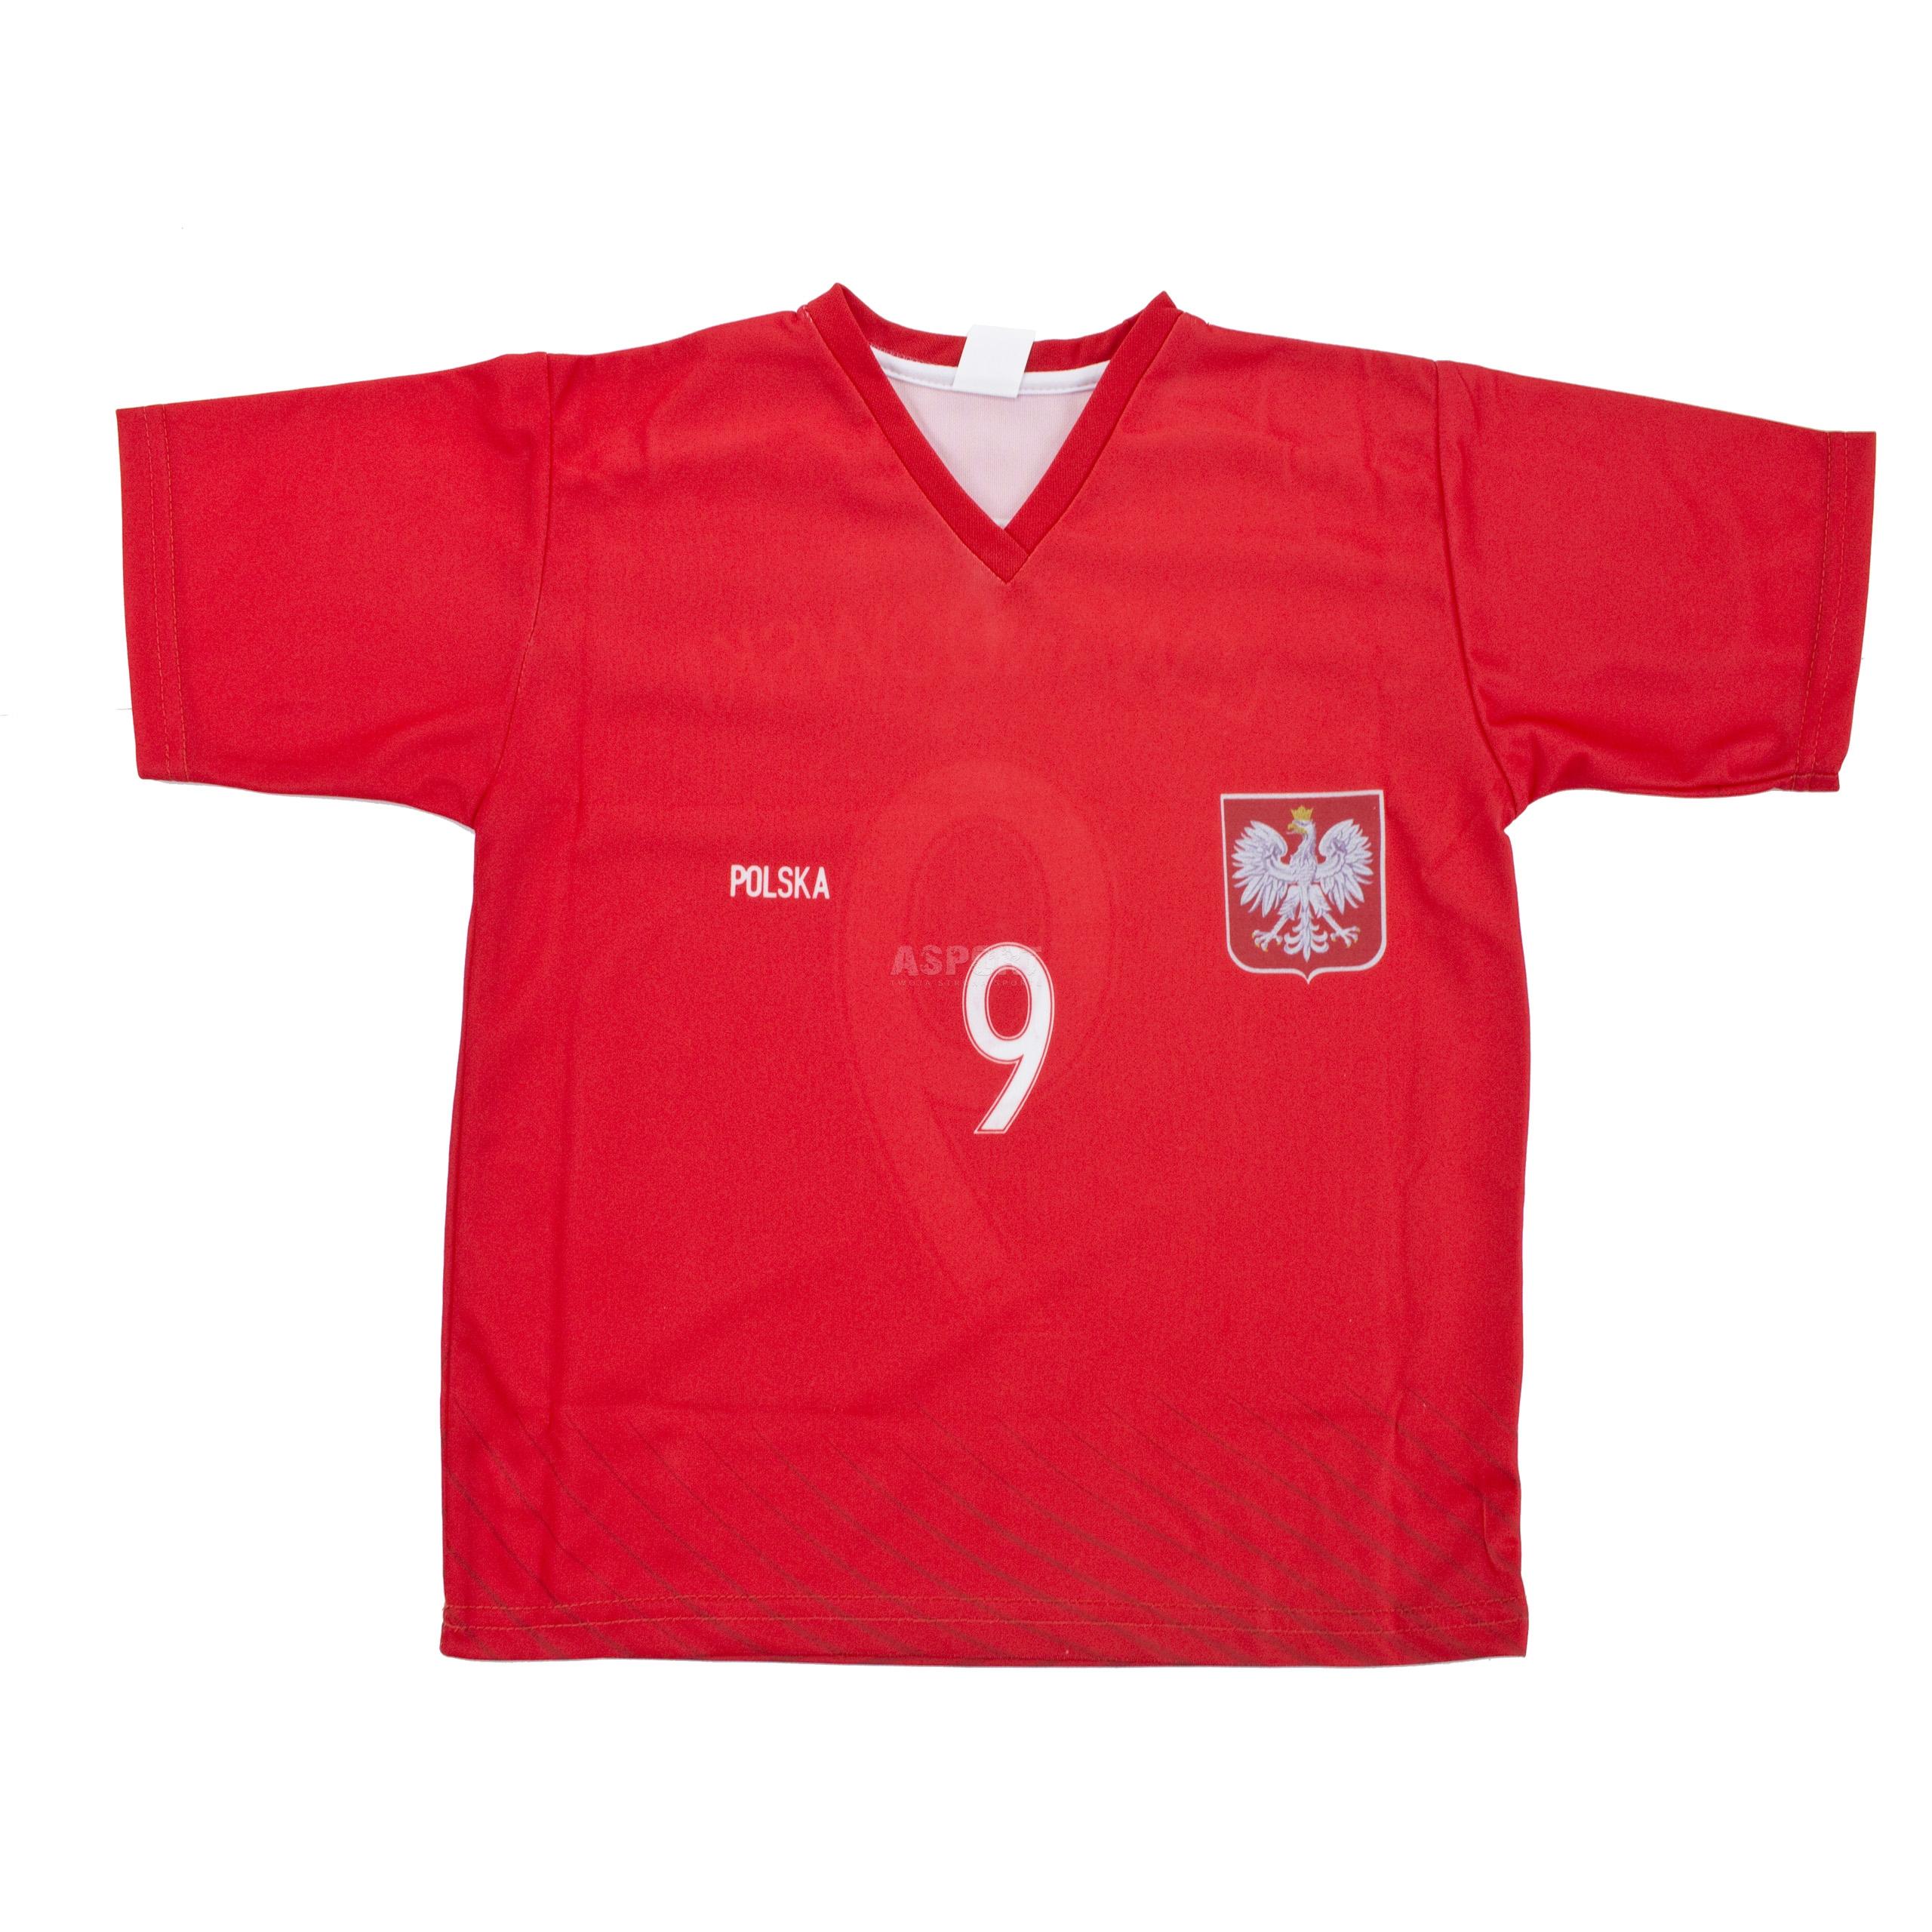 89e8e49a1 Komplet: koszulka + spodenki kibica, piłkarskie,dziecięce, replika  LEWANDOWSKI